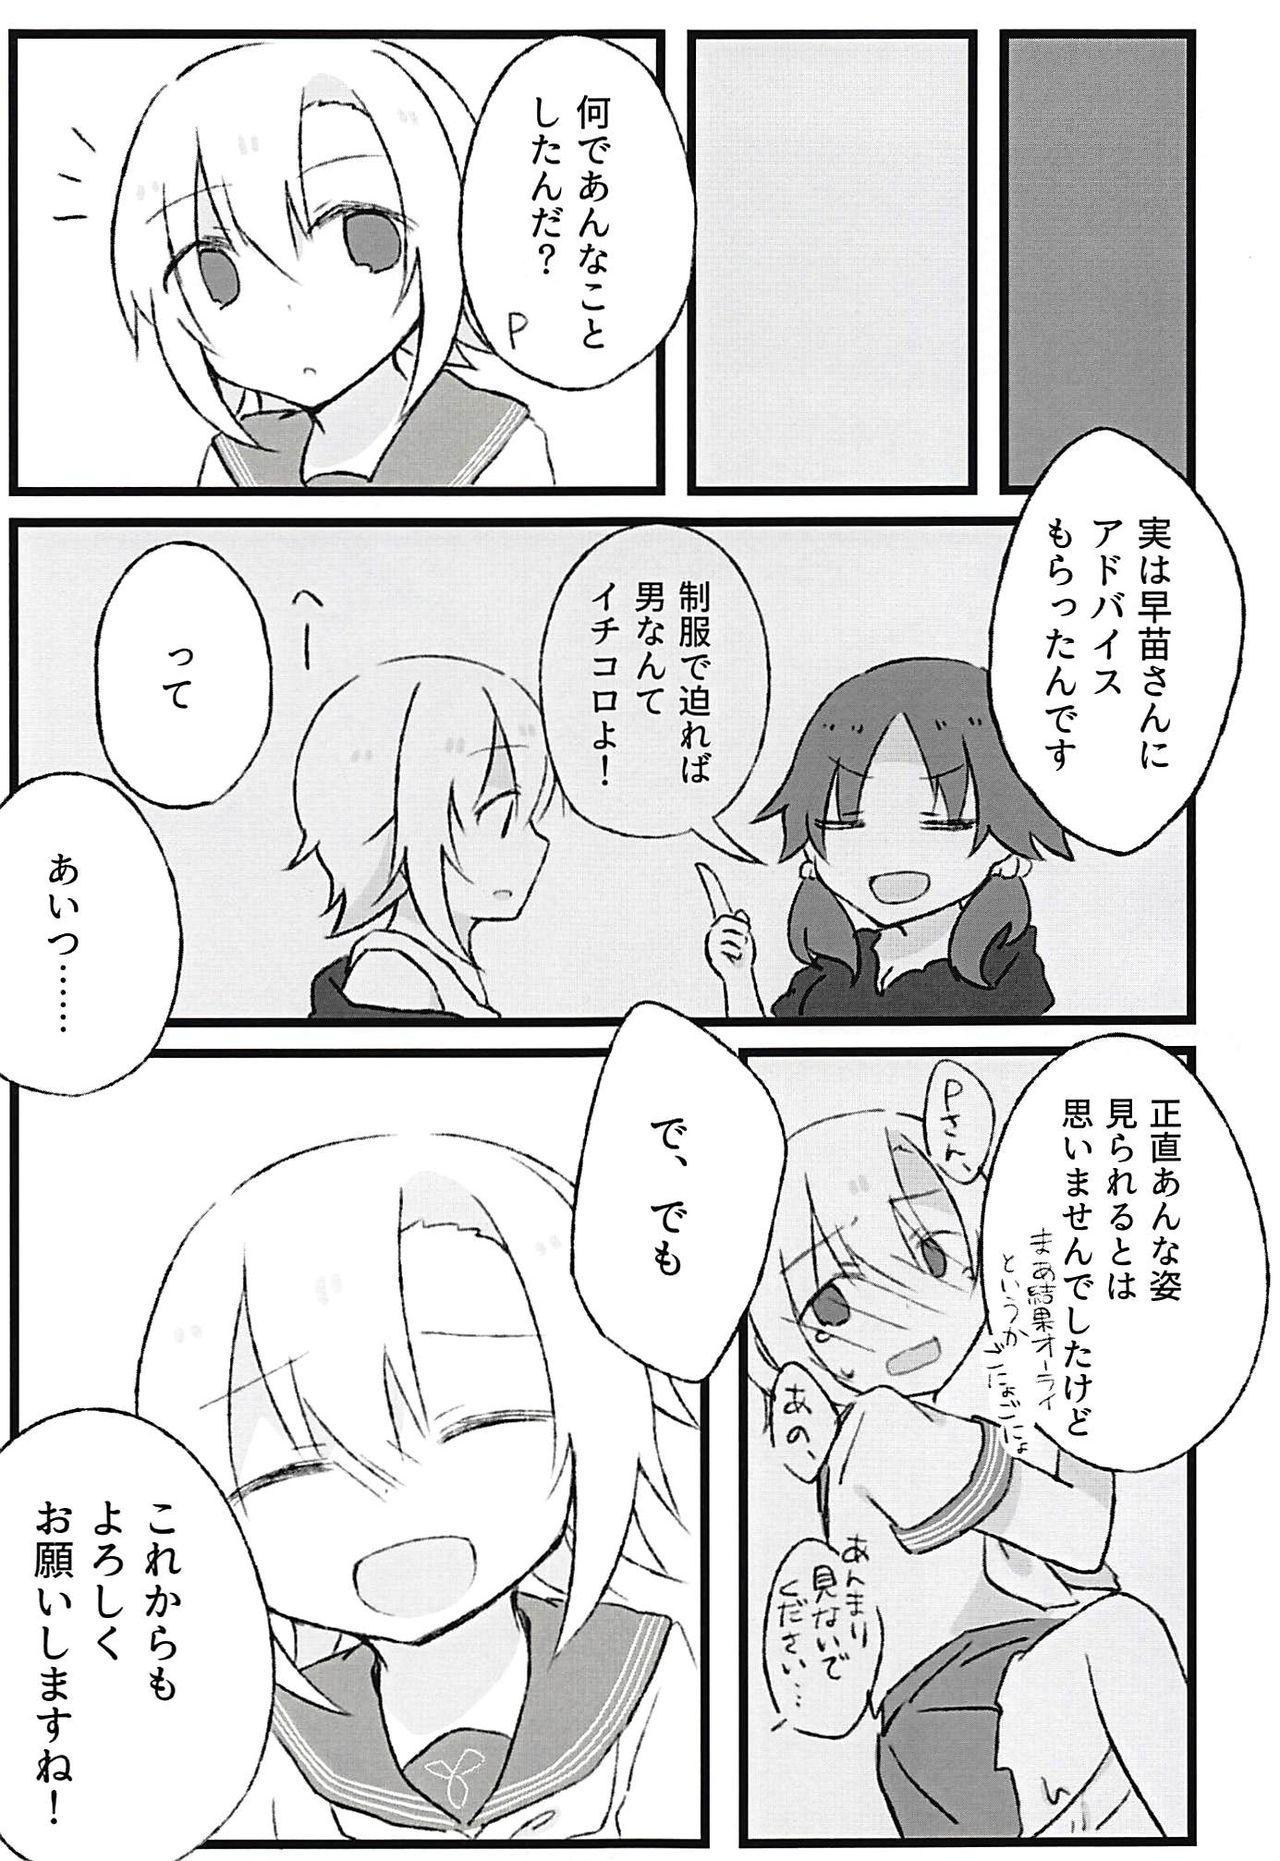 Seifuku Riina to Ecchi na Koto ga Shitai 13